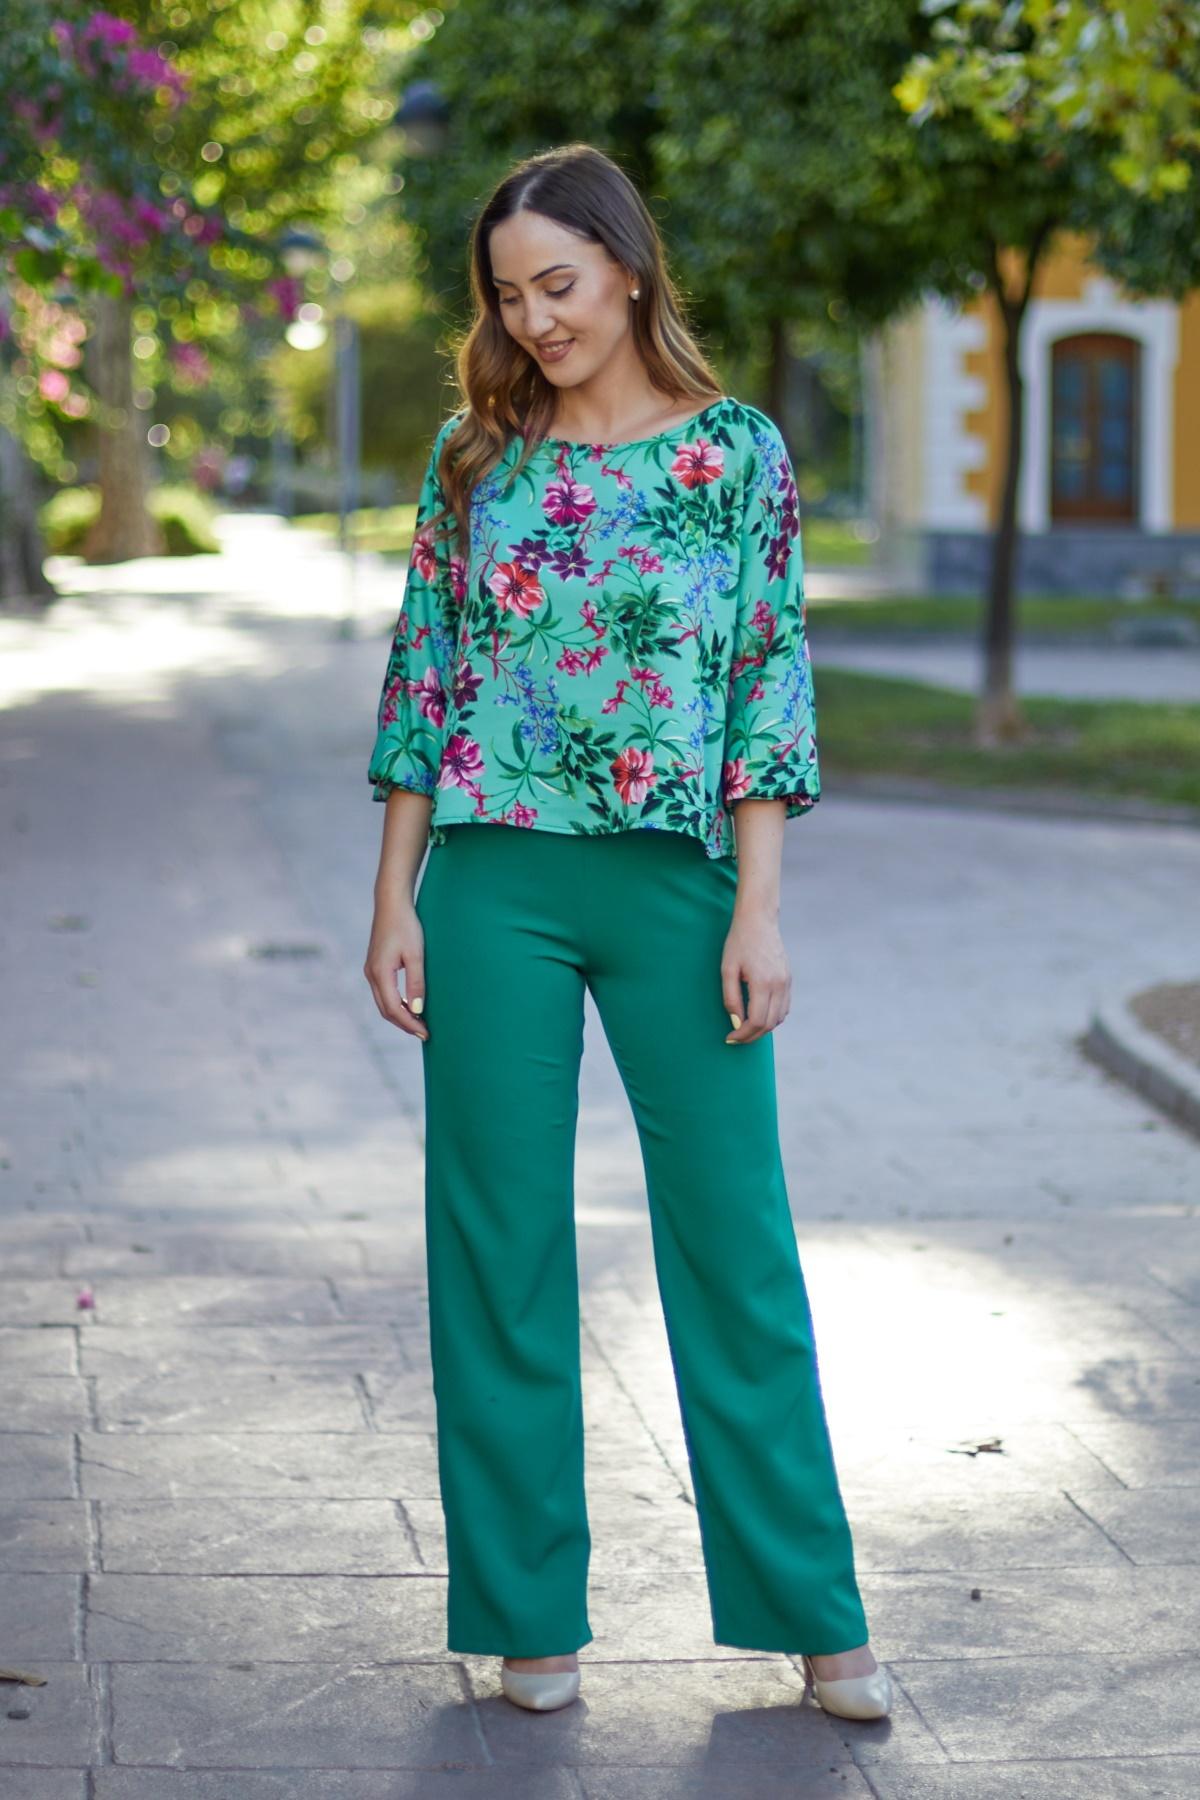 Pantalon de fiesta para boda color verde